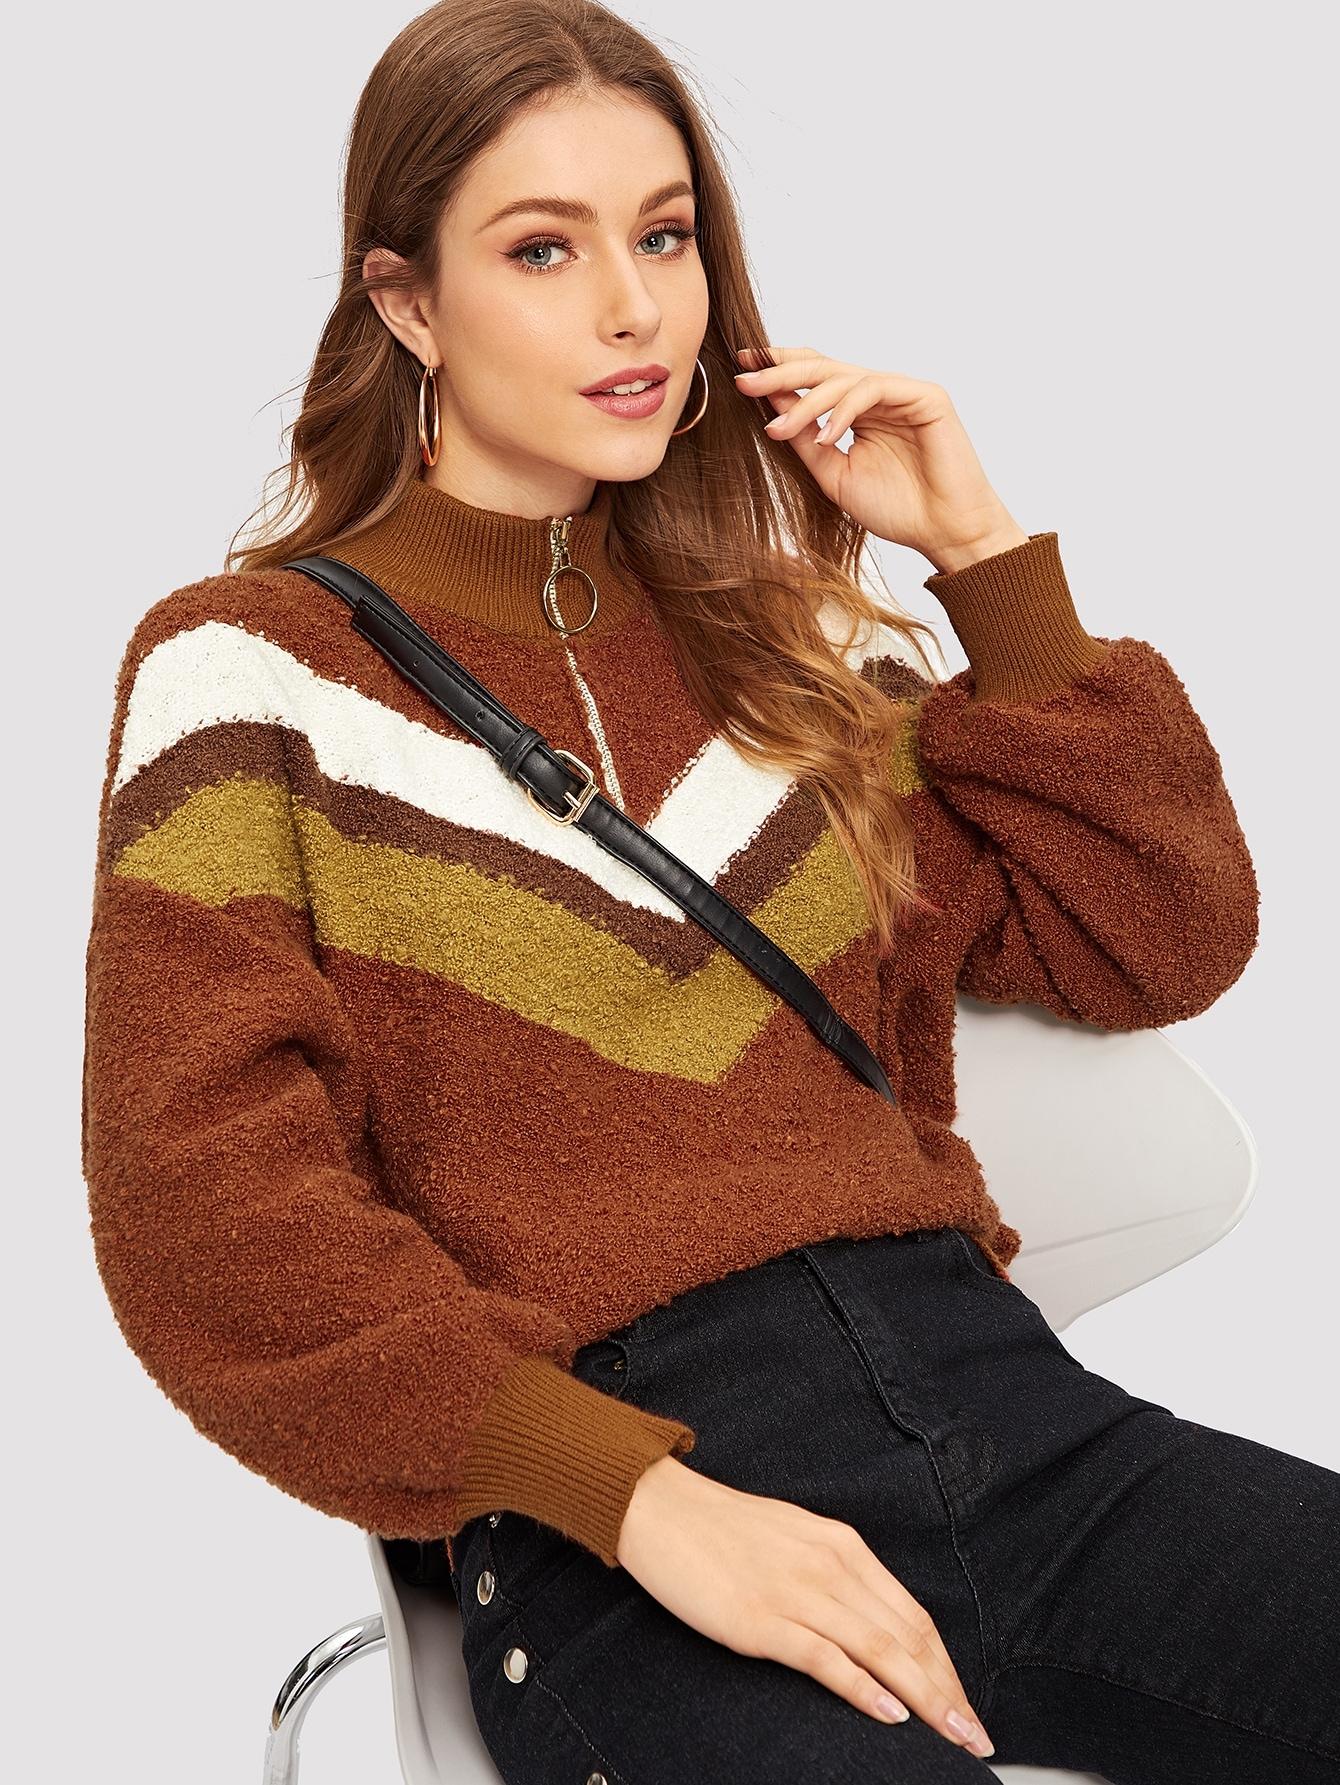 Купить Контрастный свитер с молнией, Gabi D, SheIn